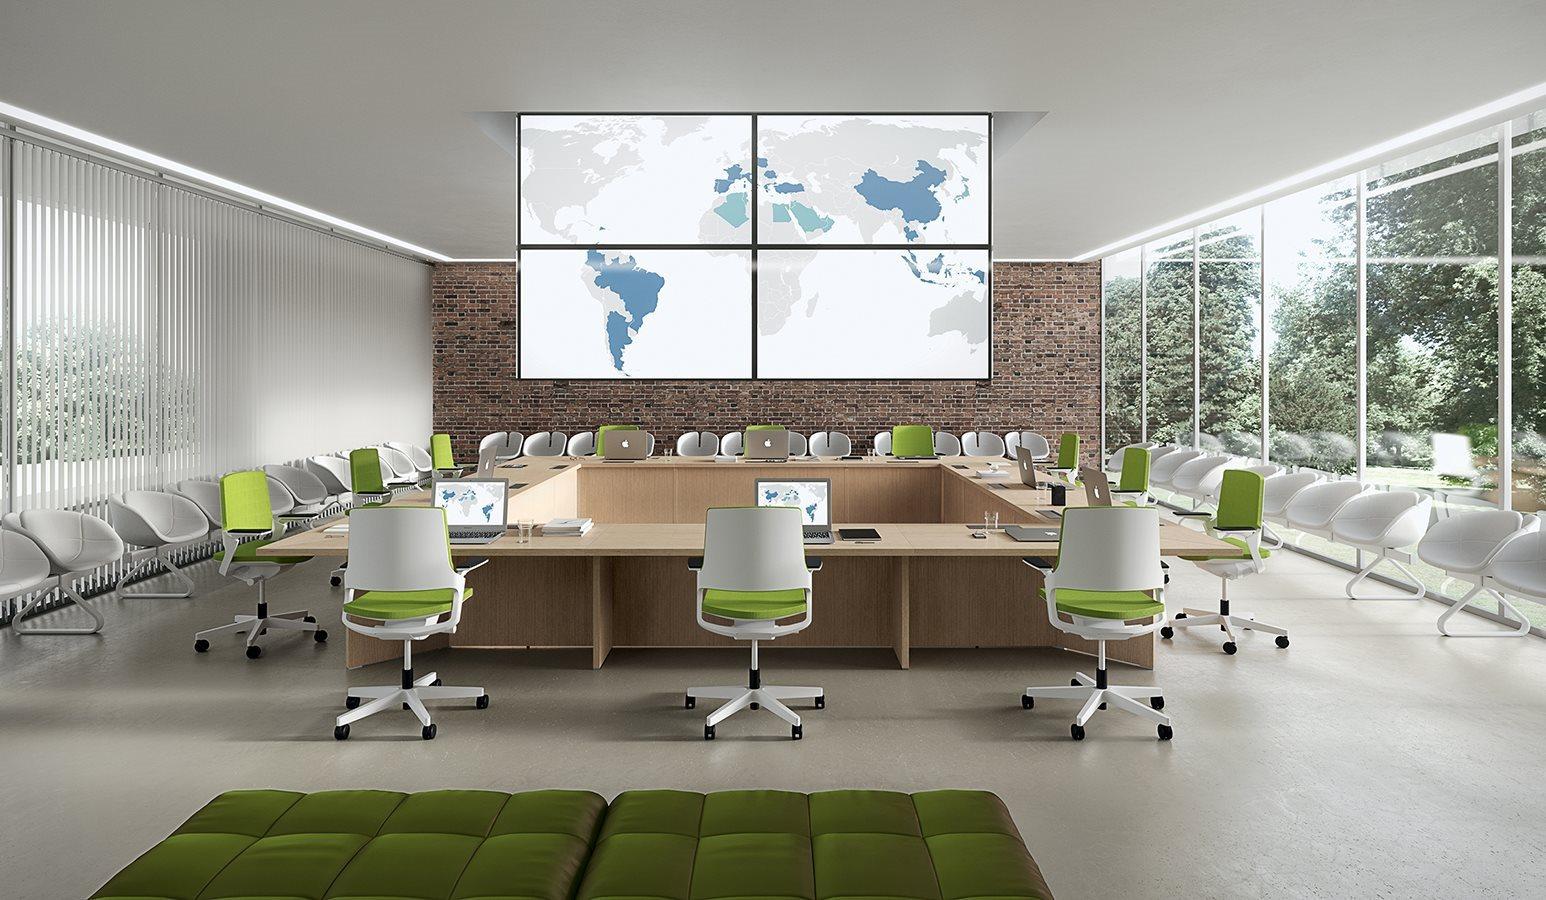 Tavoli riunione Tables DV Meet quadrato funzionale postazioni pc - Riganelli Arredamenti